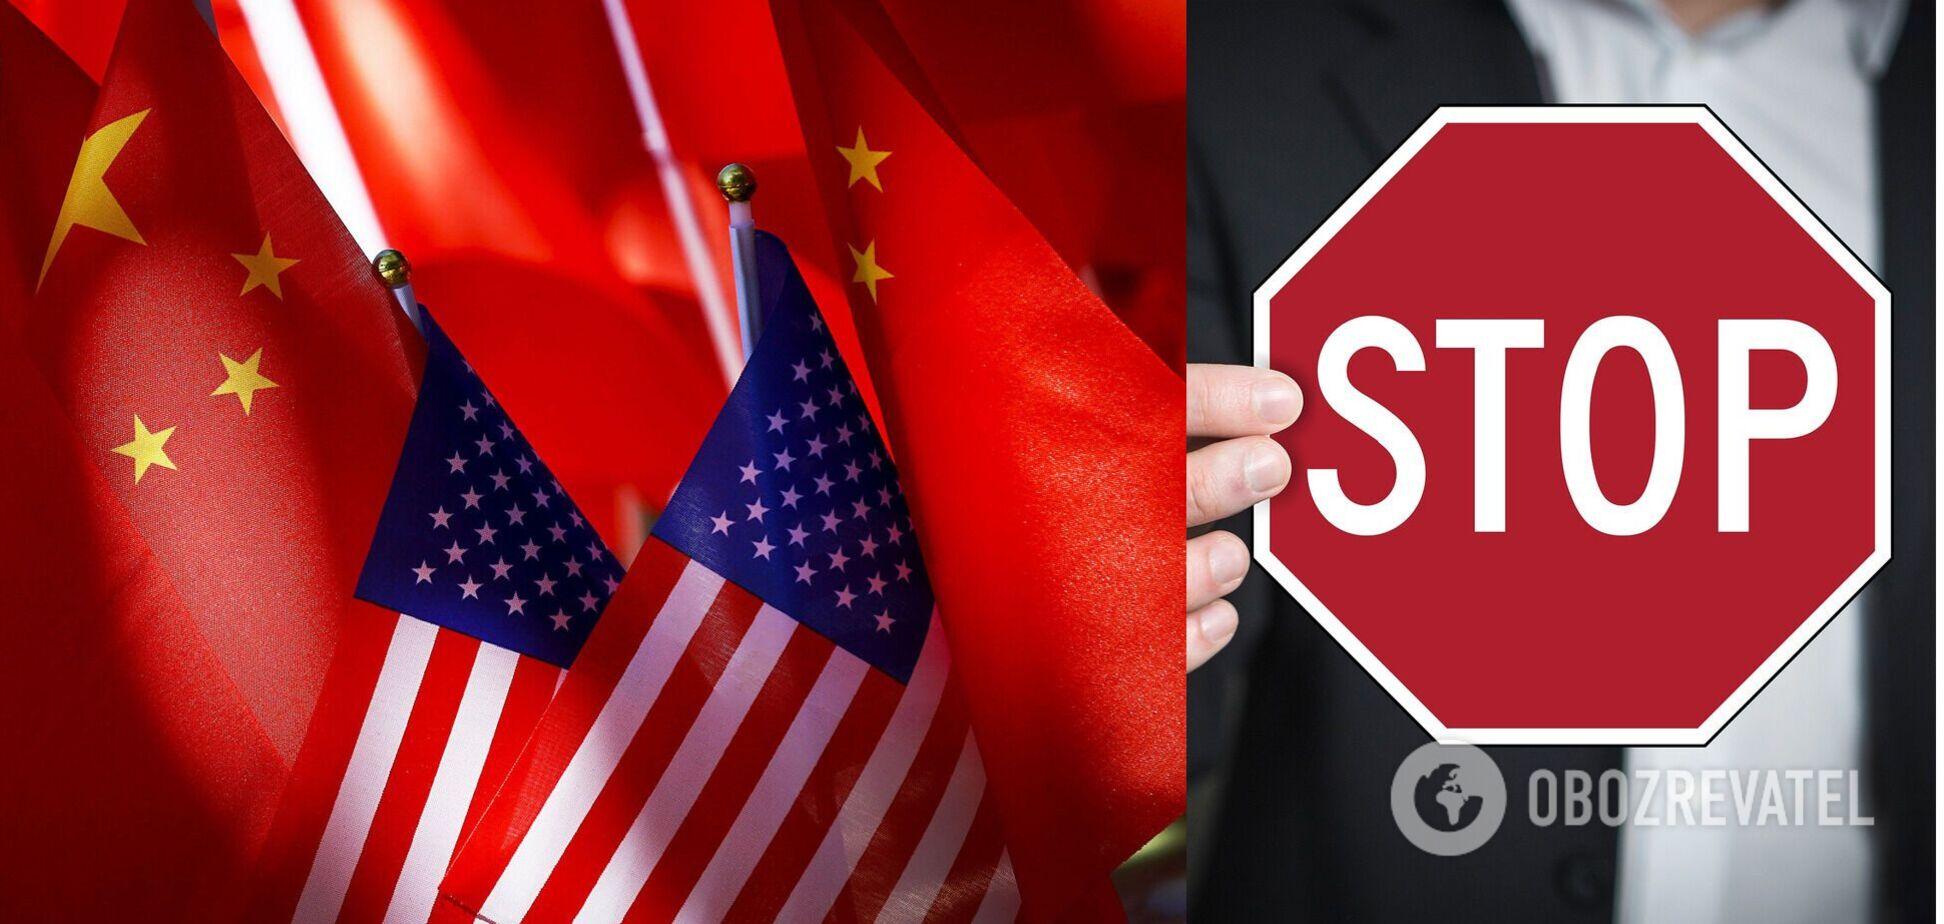 Китай ввел ответные санкции против США: в Белом доме отреагировали